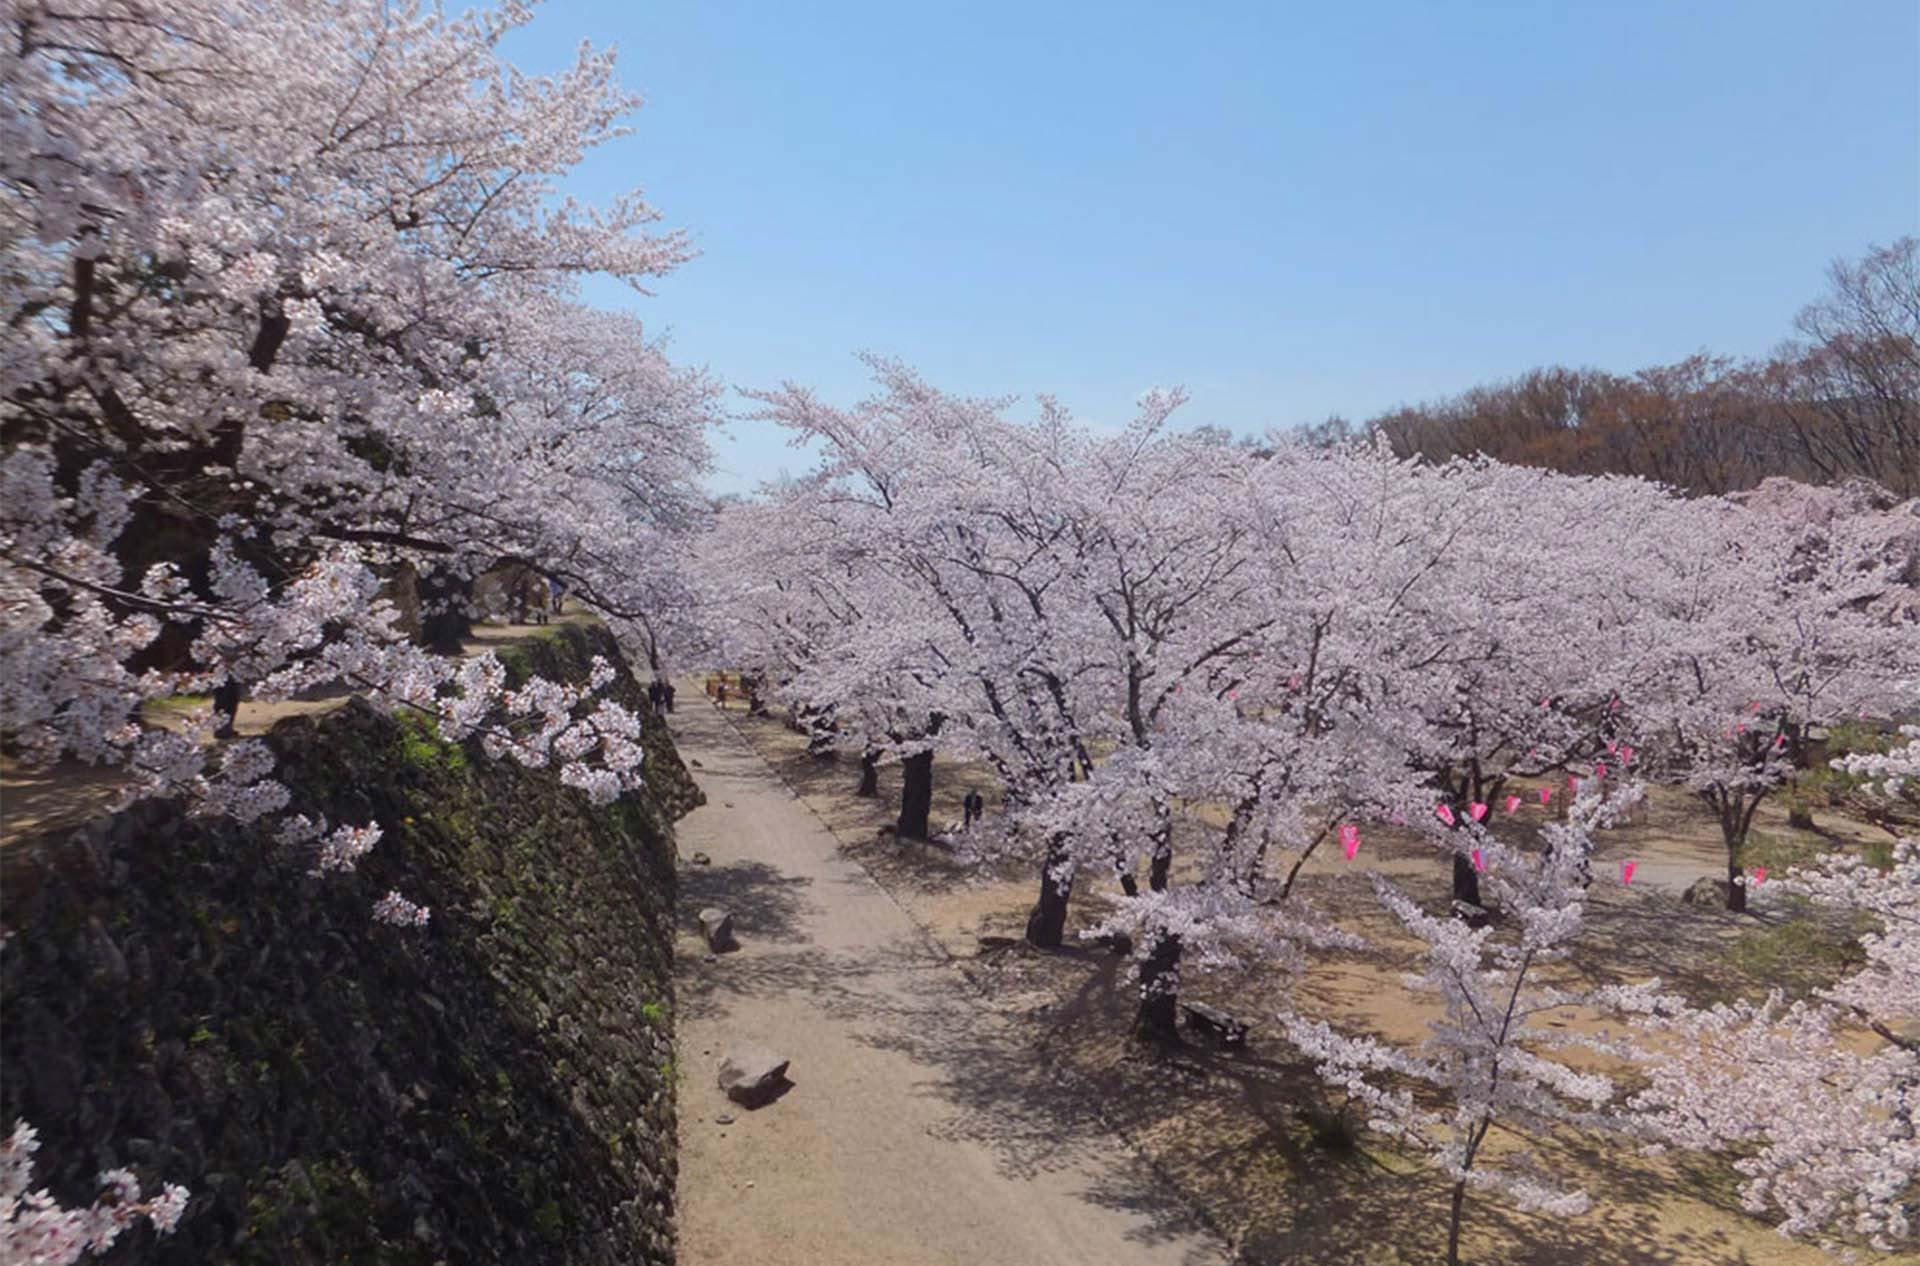 周邊景點:小諸城址懷古園 櫻花祭 從4月9日至4月30日